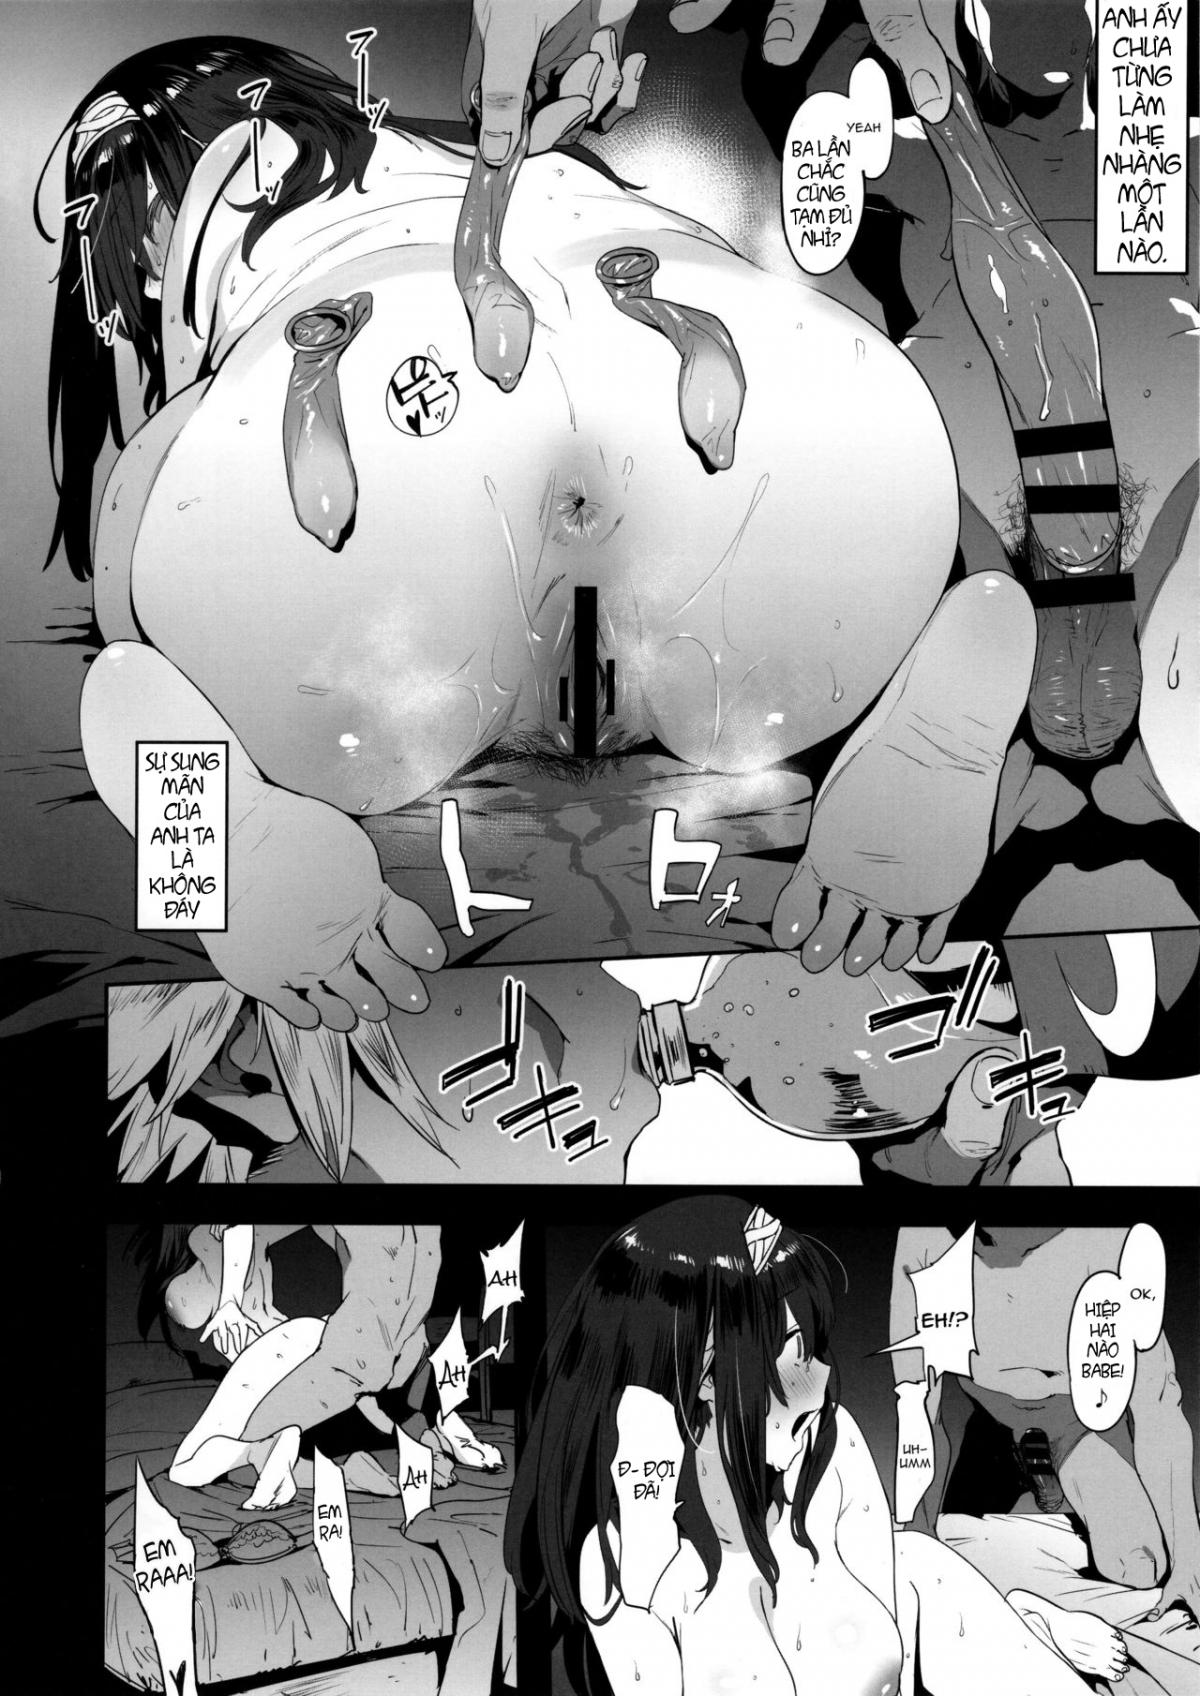 Hình ảnh  trong bài viết Đọc Truyện Hentai Sex Sagisawa Fumika wa Yoku Moteru